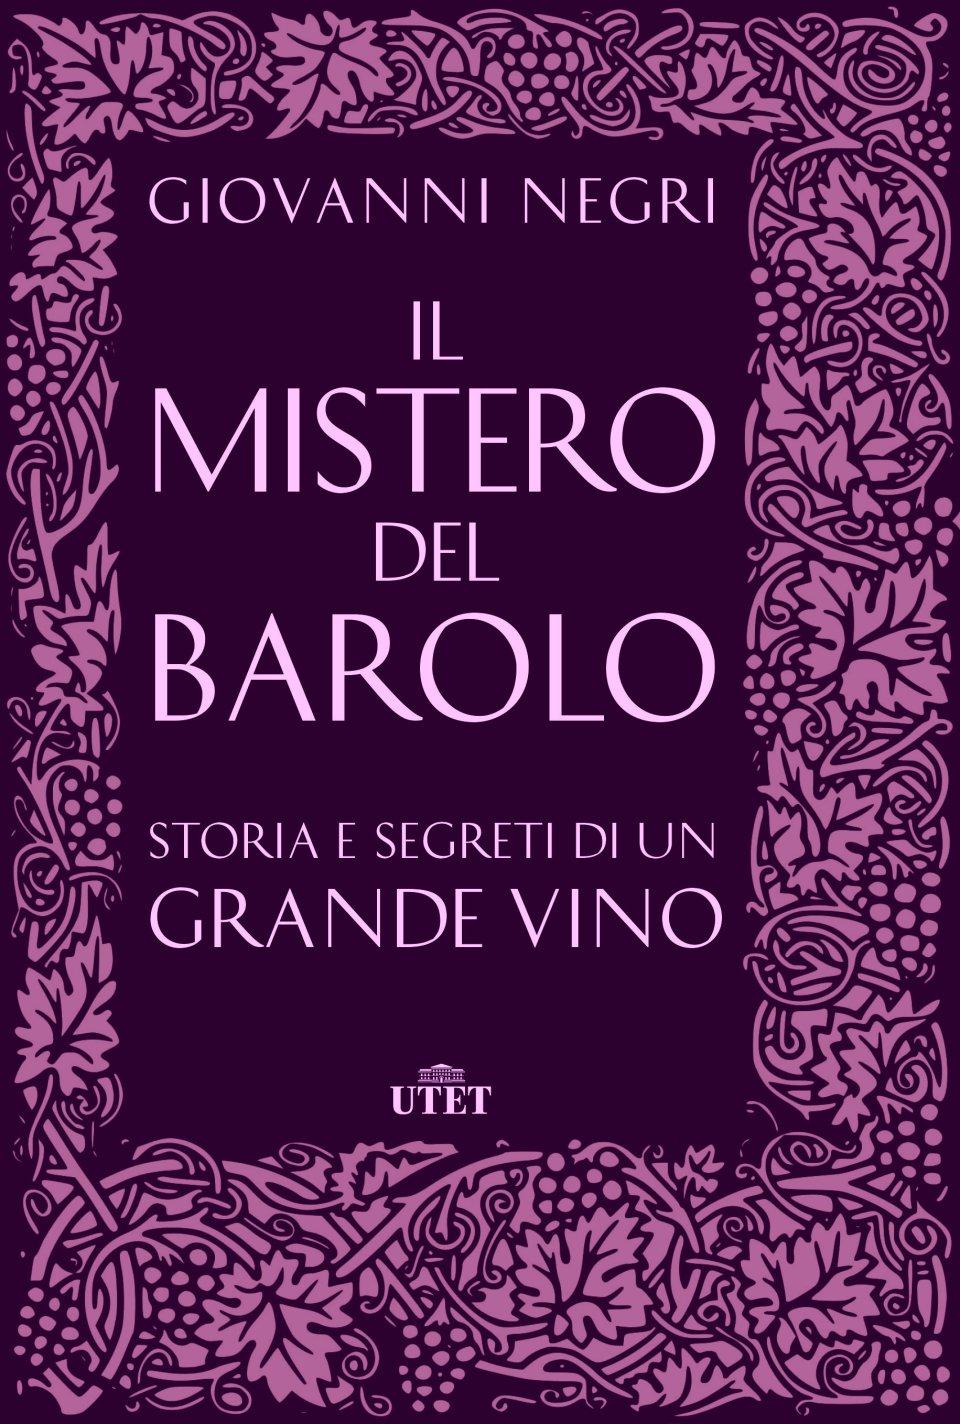 IL MISTERO DEL BAROLO Book Cover